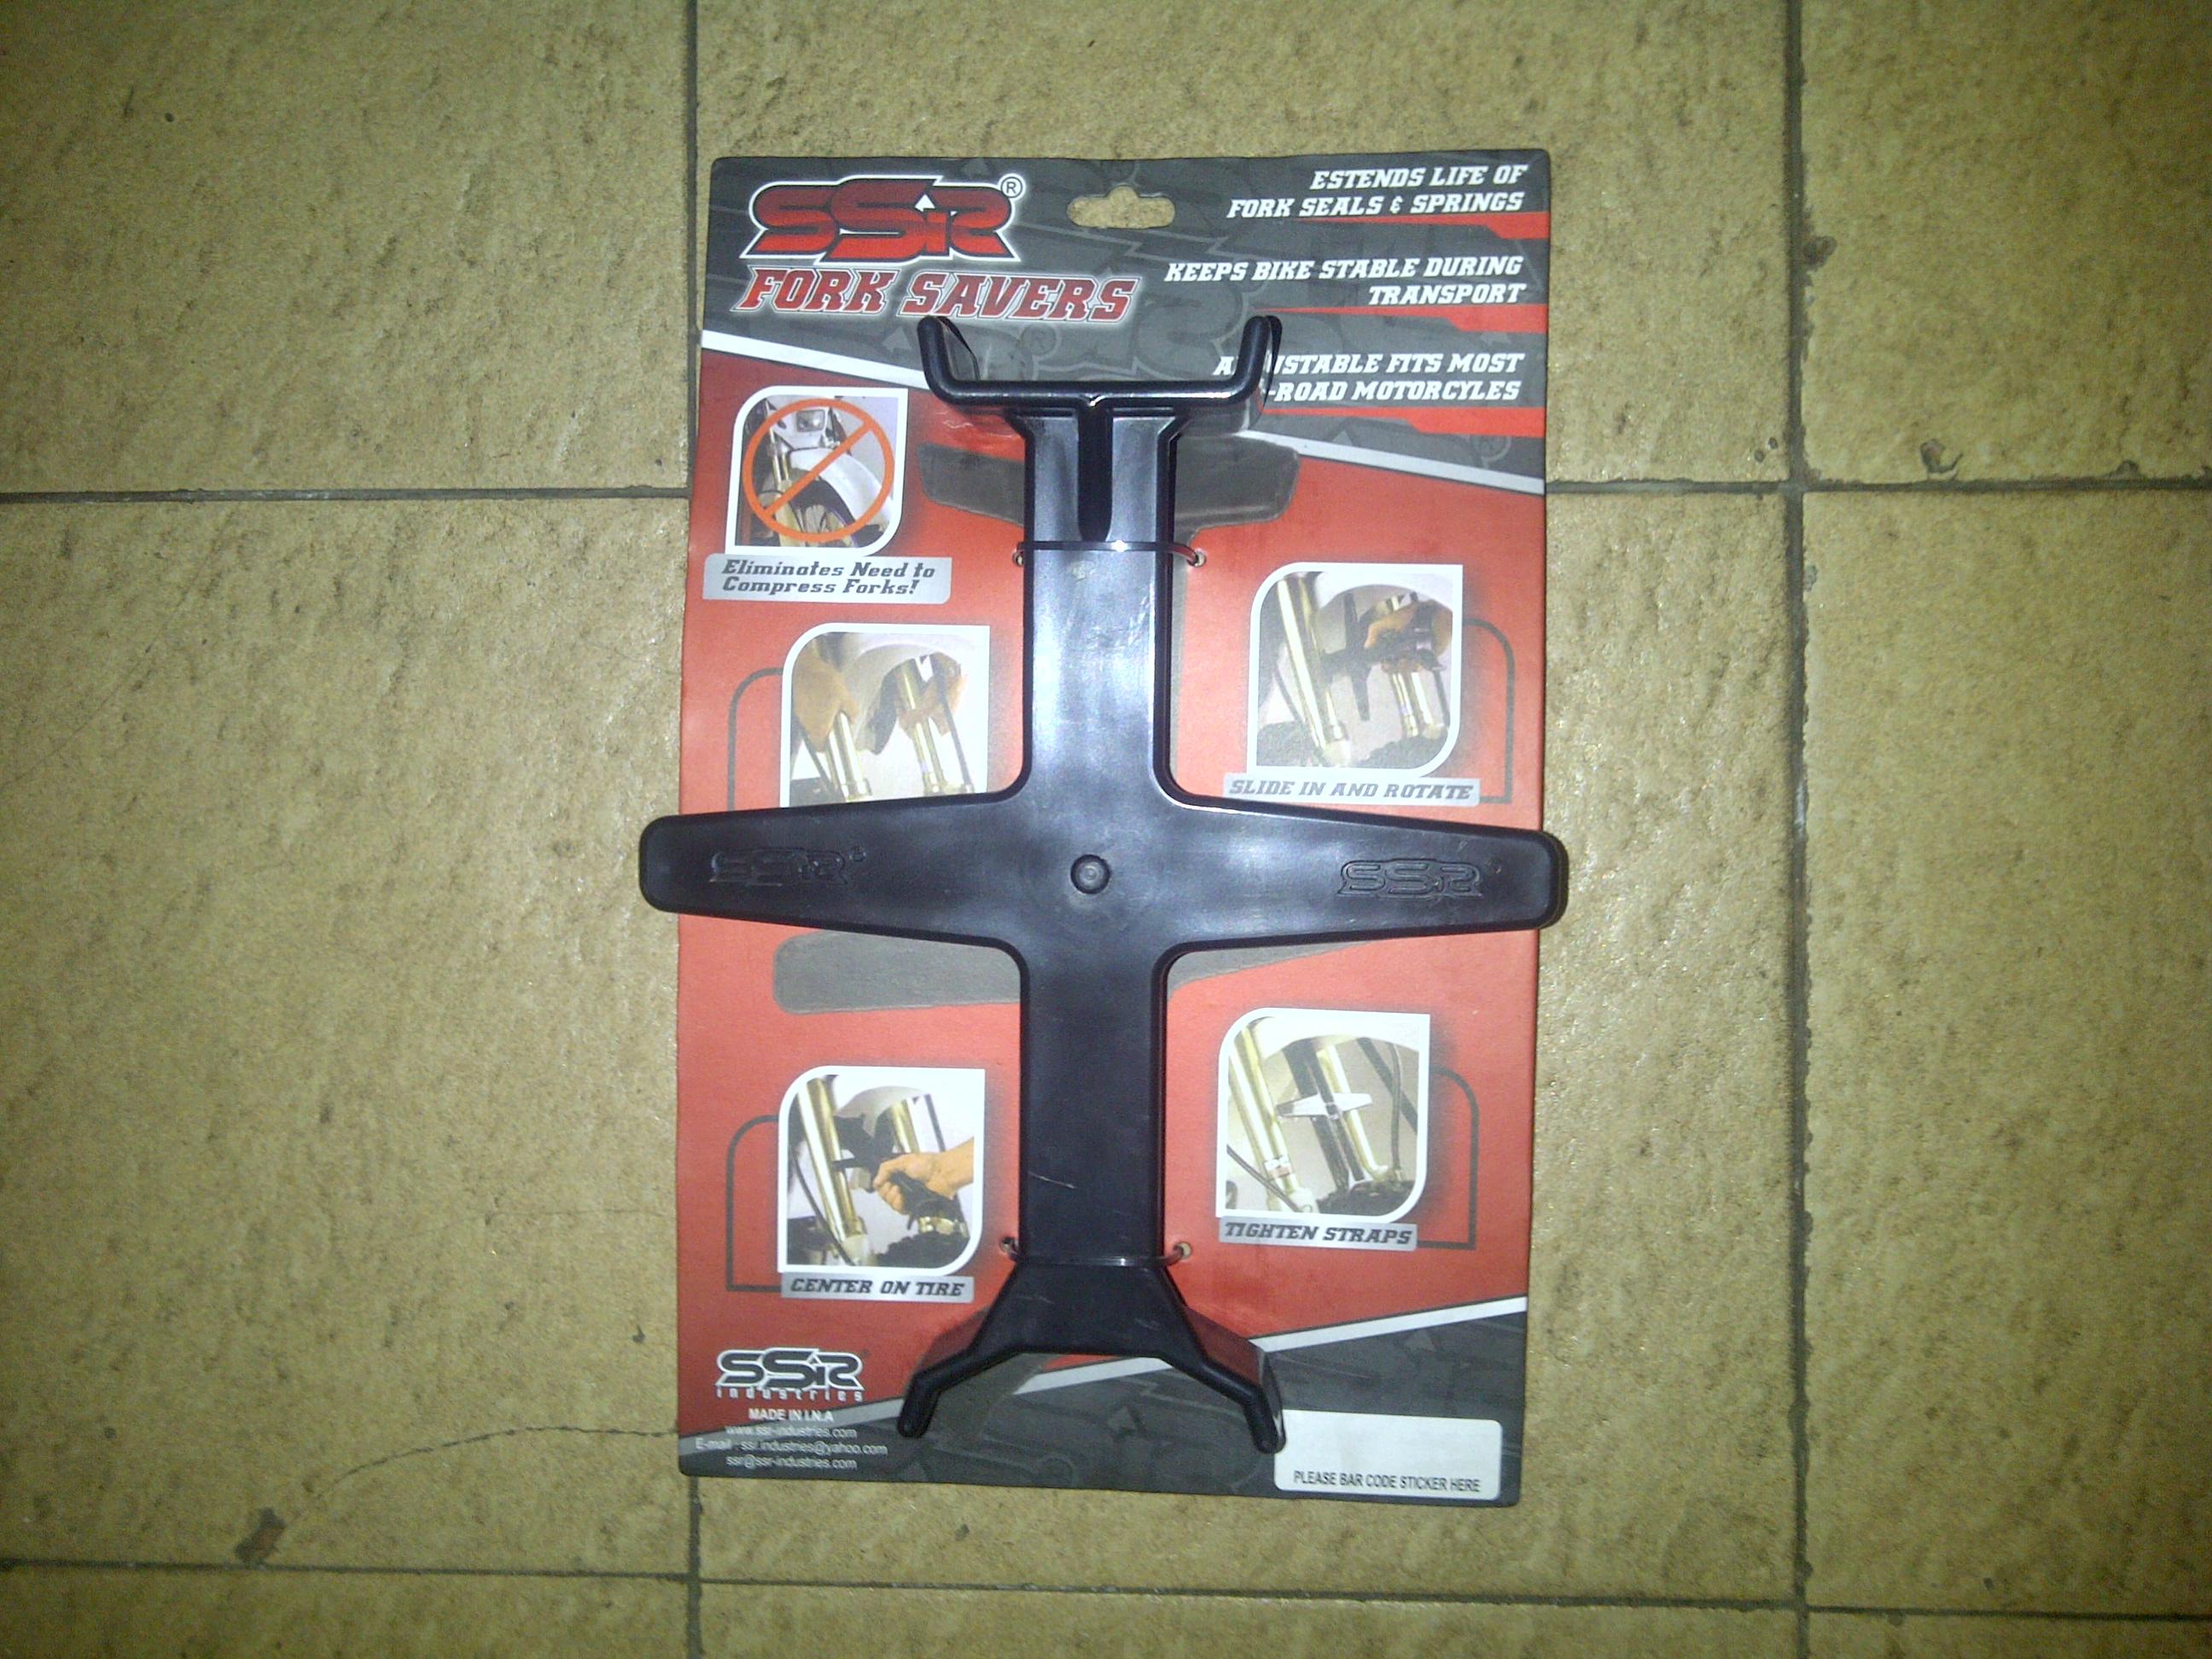 Kebon Jeruk 20130902 00692 Jual fork server merk SSR